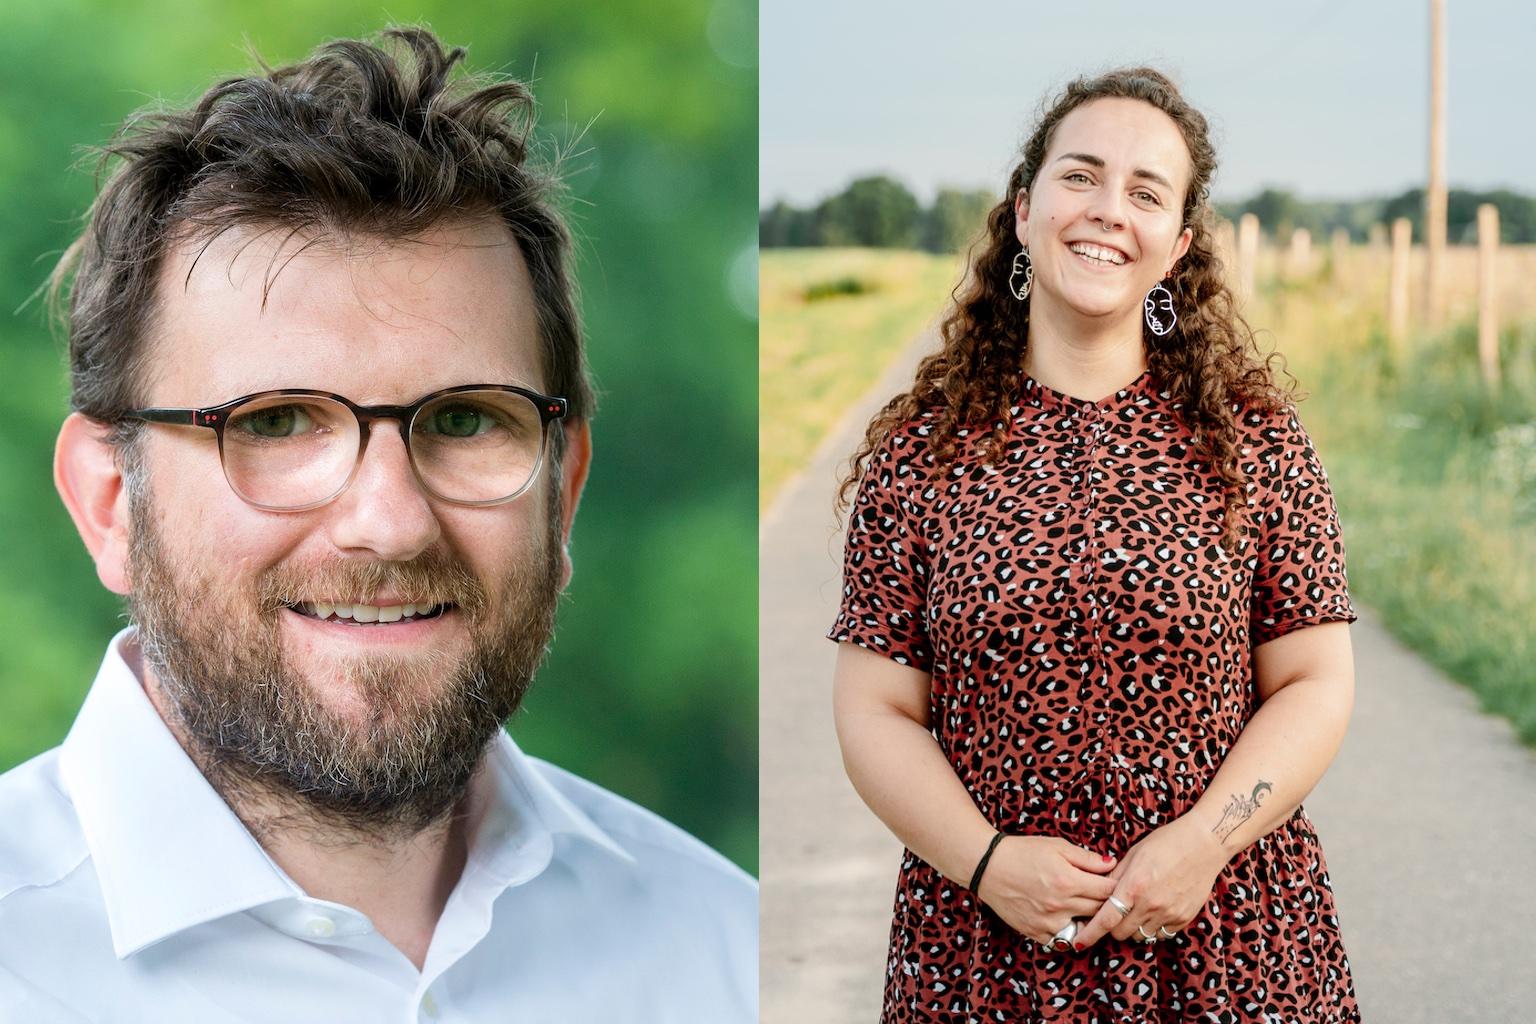 Wendlandgrüne wählen zwei neue Vorstandsposten, Schemionek tritt zurück